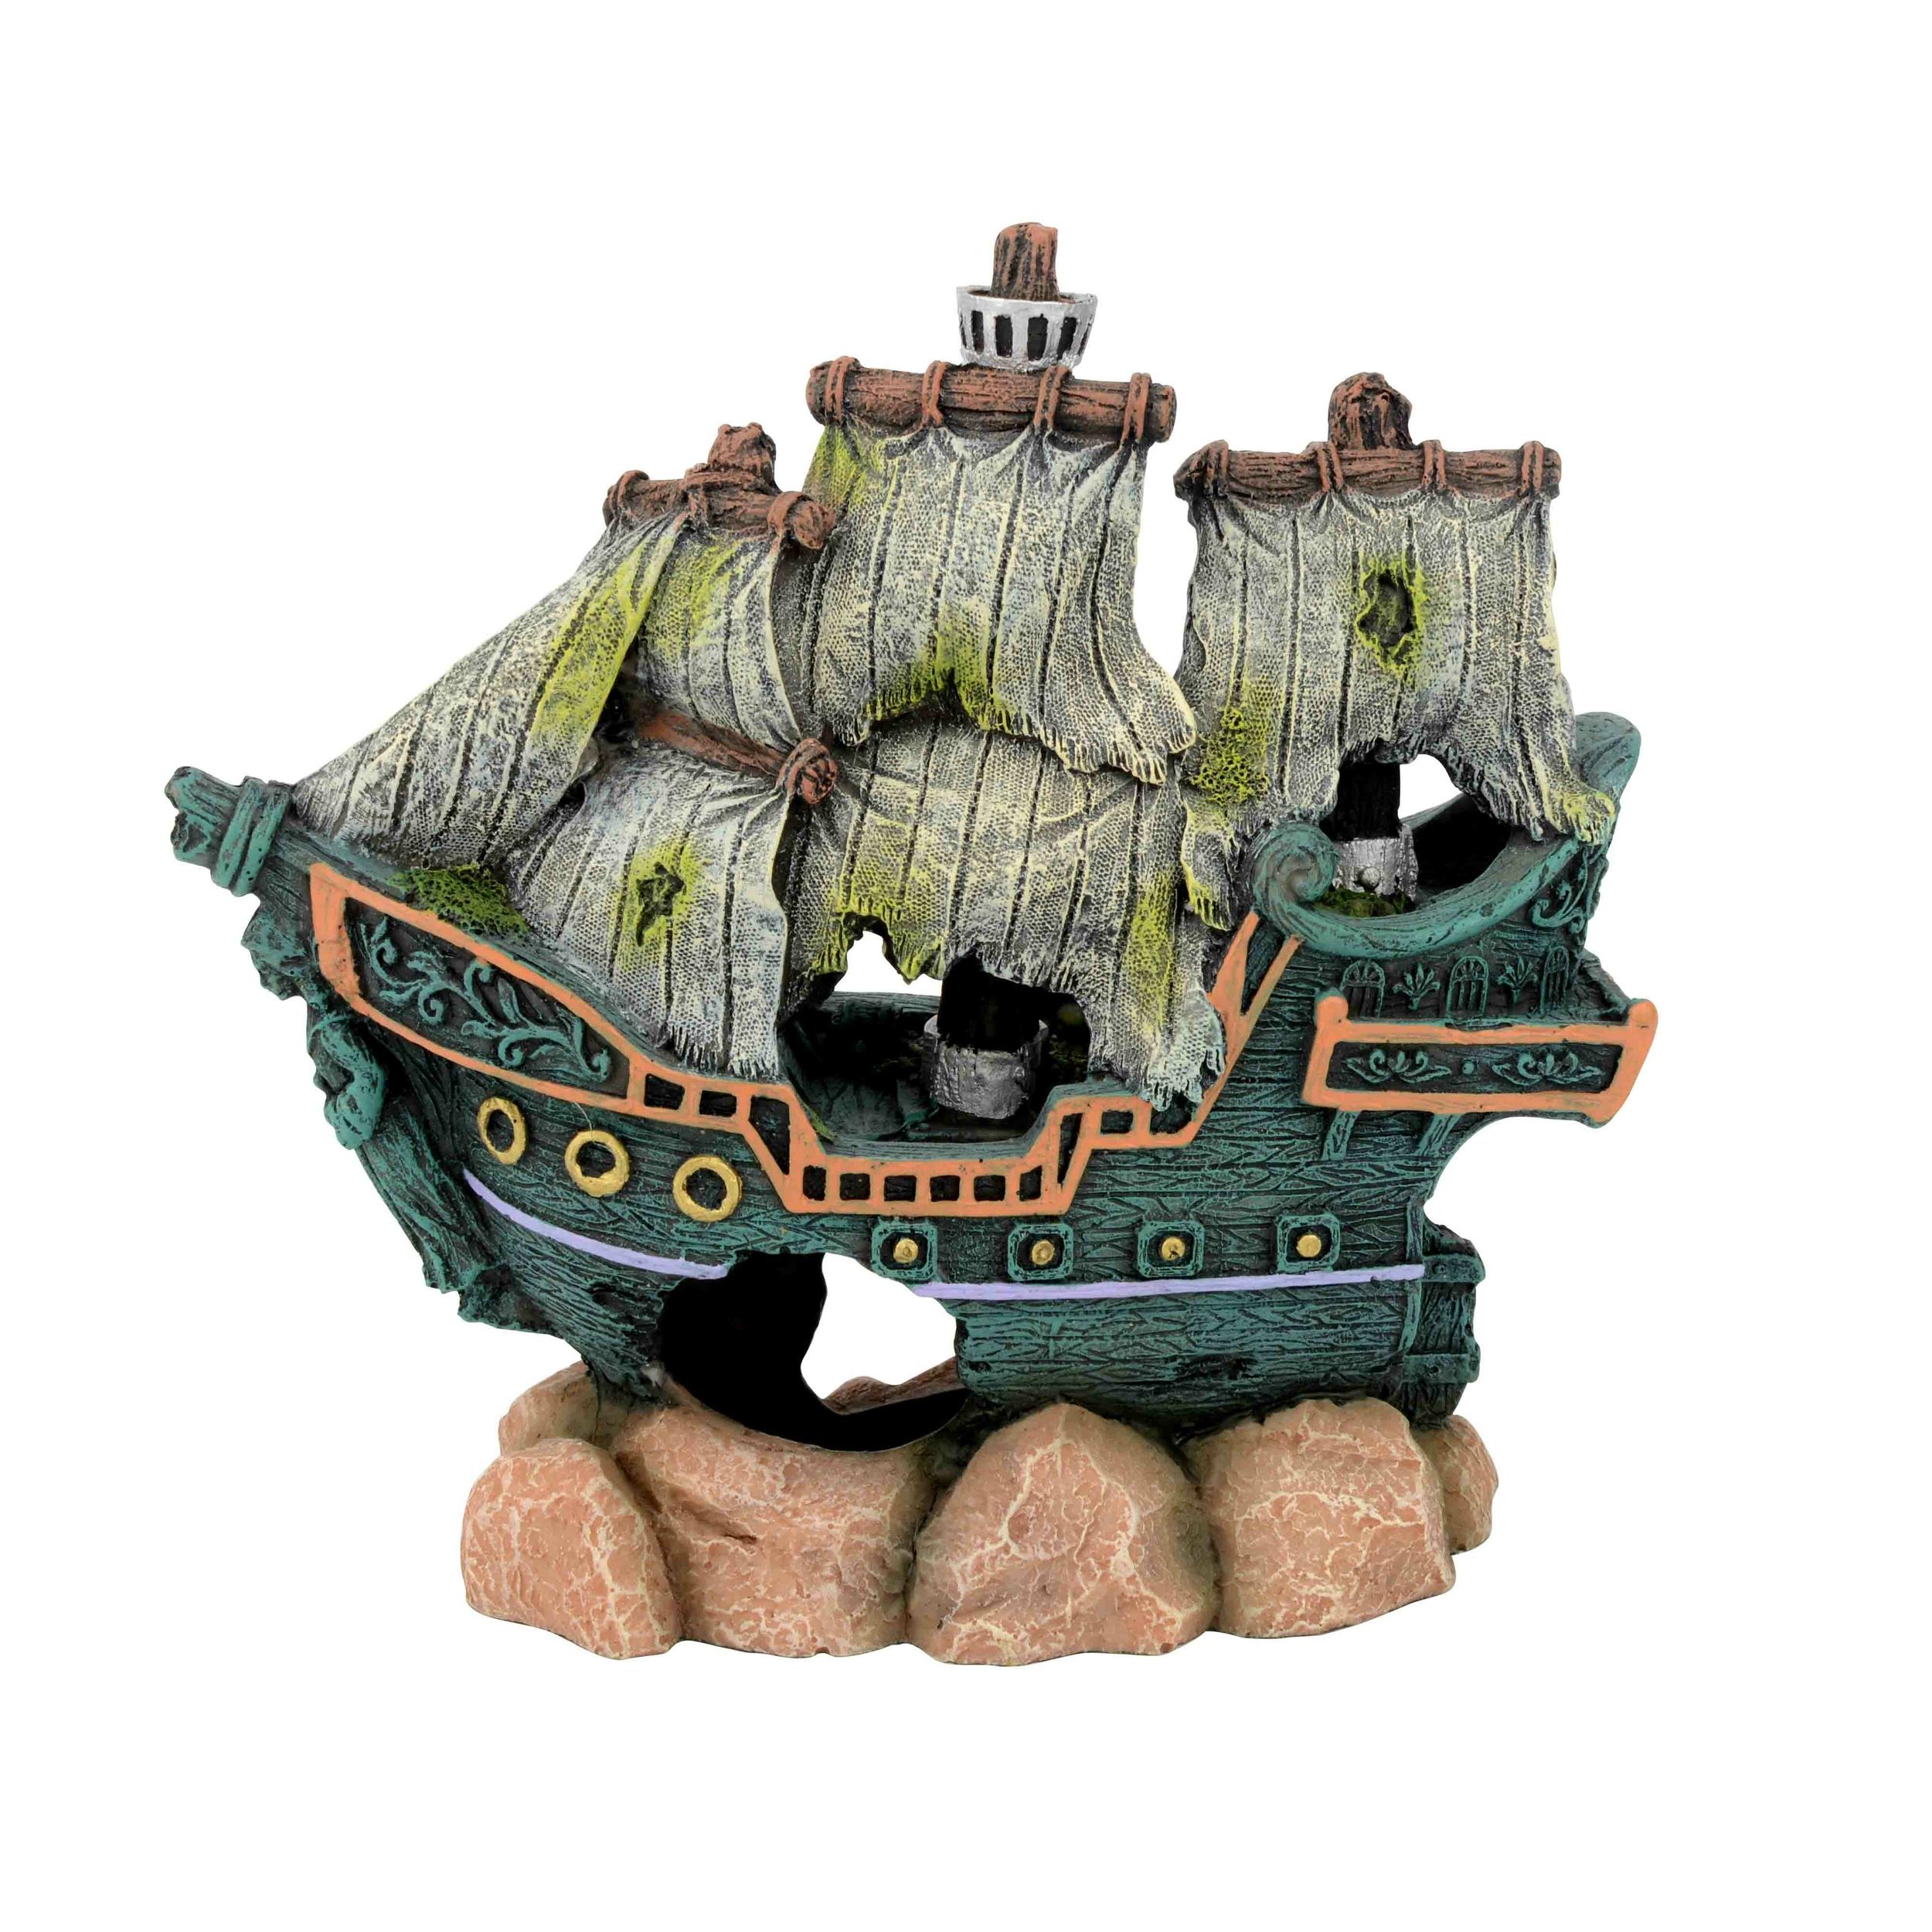 AQUAVIE Bateau Pirate Épave décoration aquarium 15,5 x 6,5 x 14,5 cm